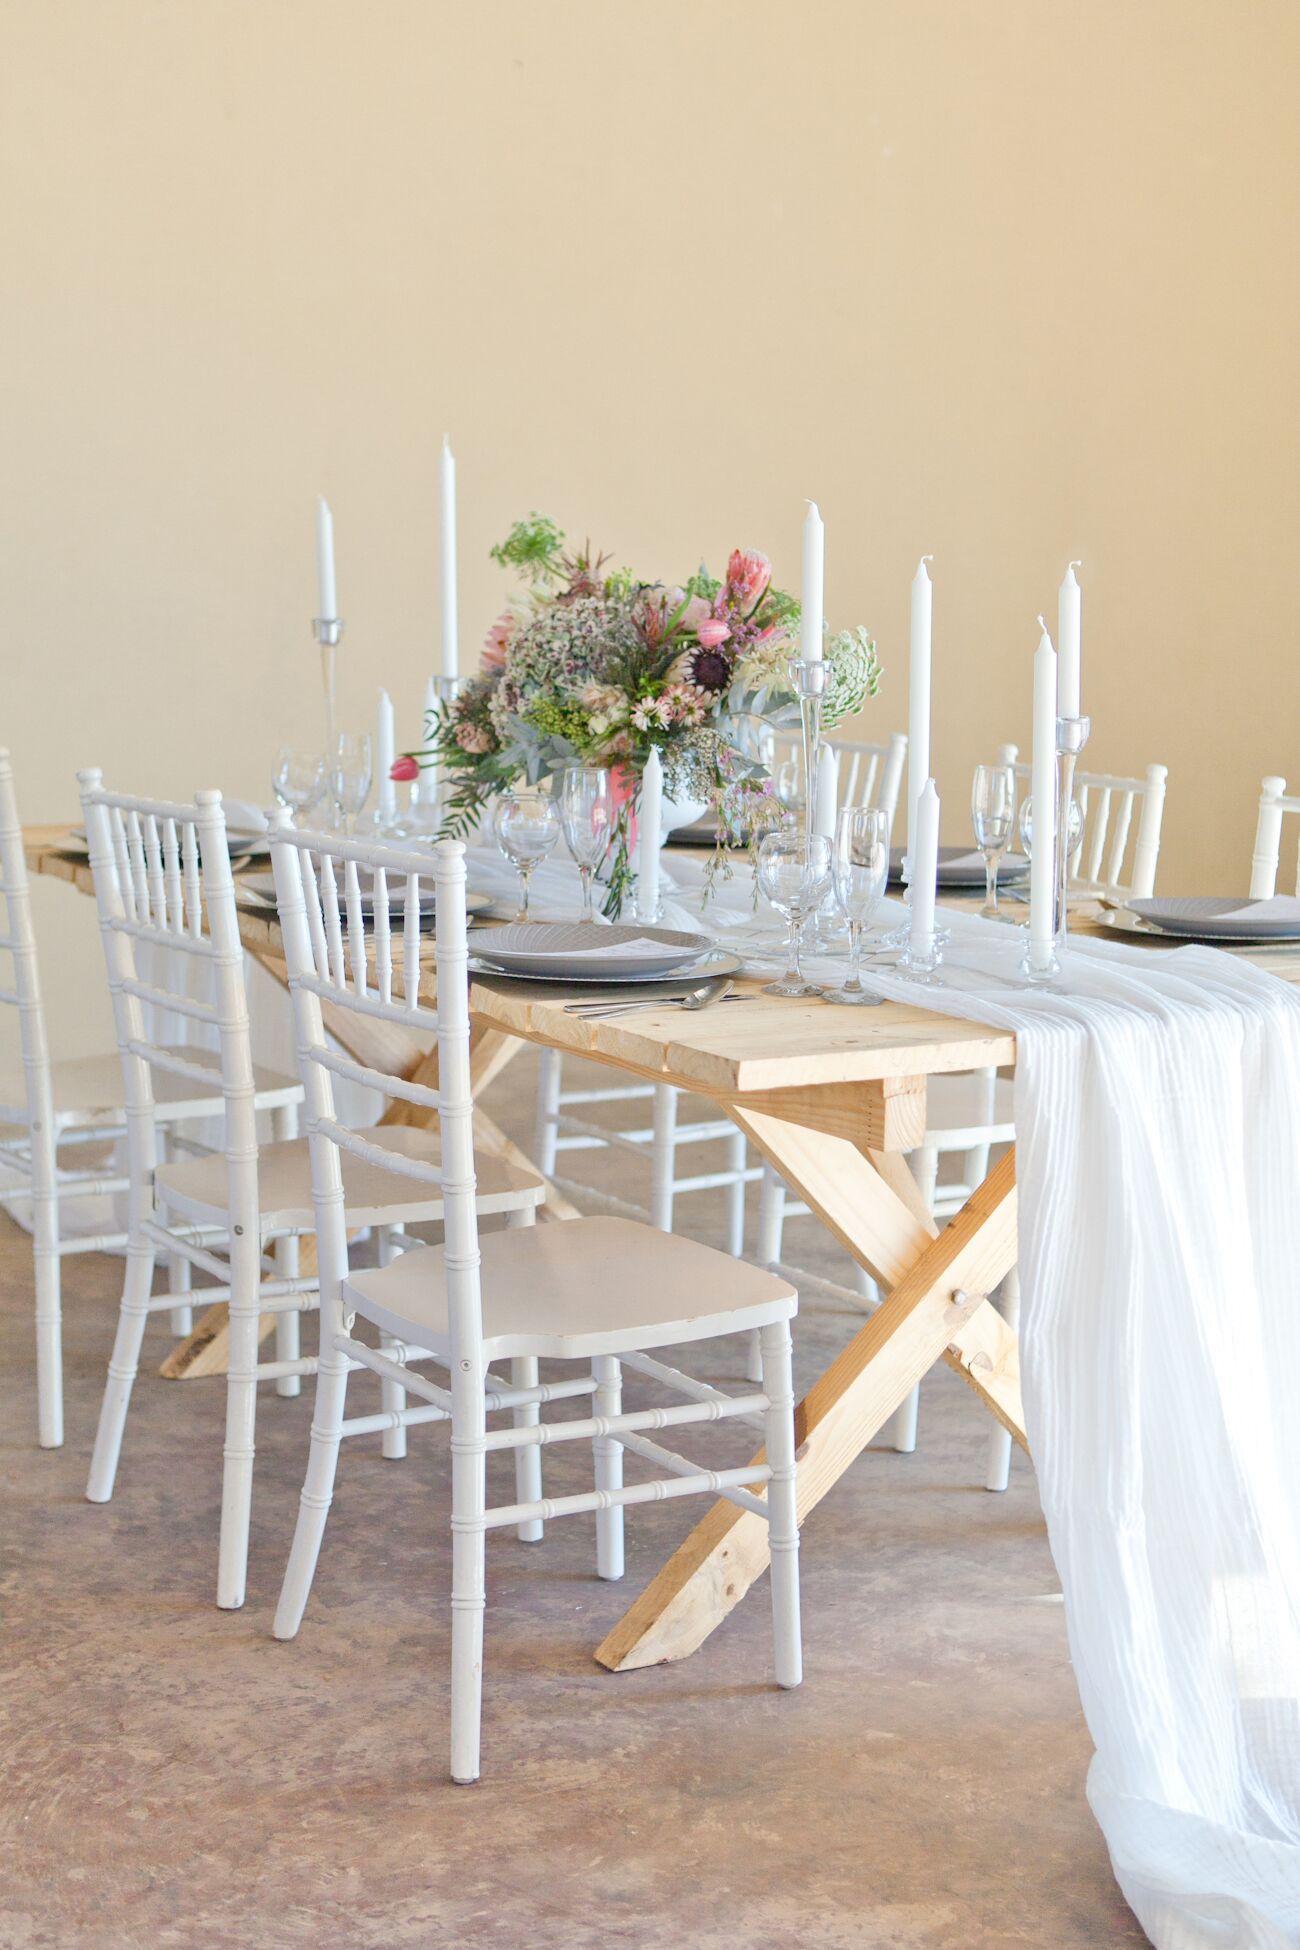 Rustic Romantic Tablescape | Image: Corette Faux